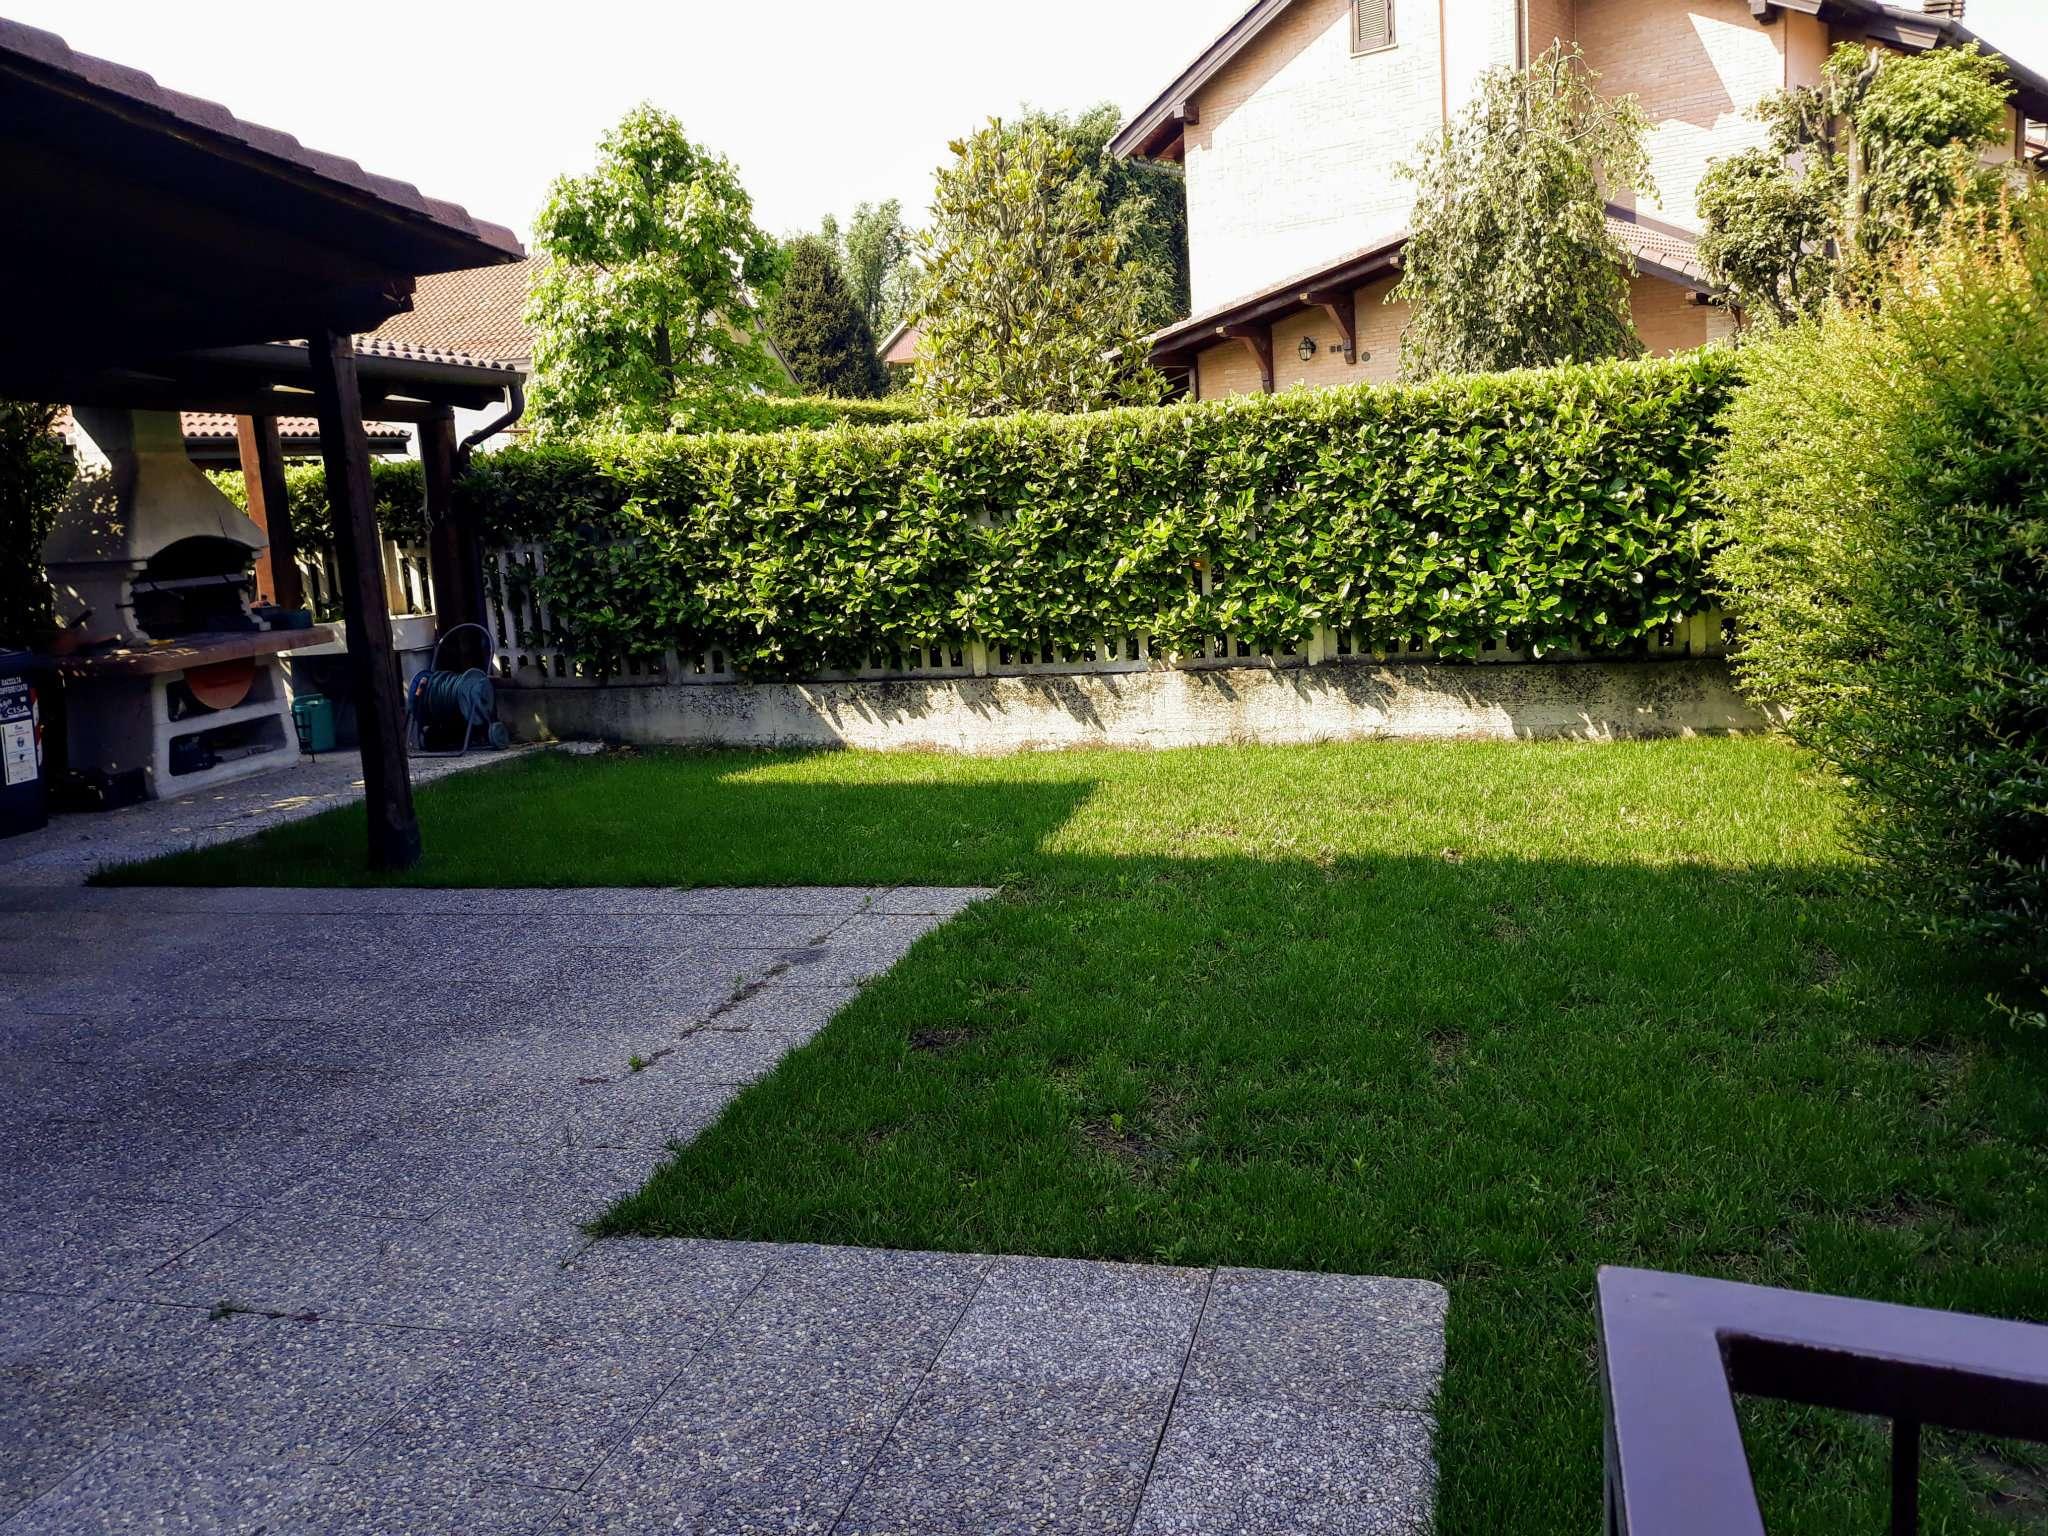 Villa Bifamiliare in vendita a Robassomero, 6 locali, prezzo € 292.000   PortaleAgenzieImmobiliari.it